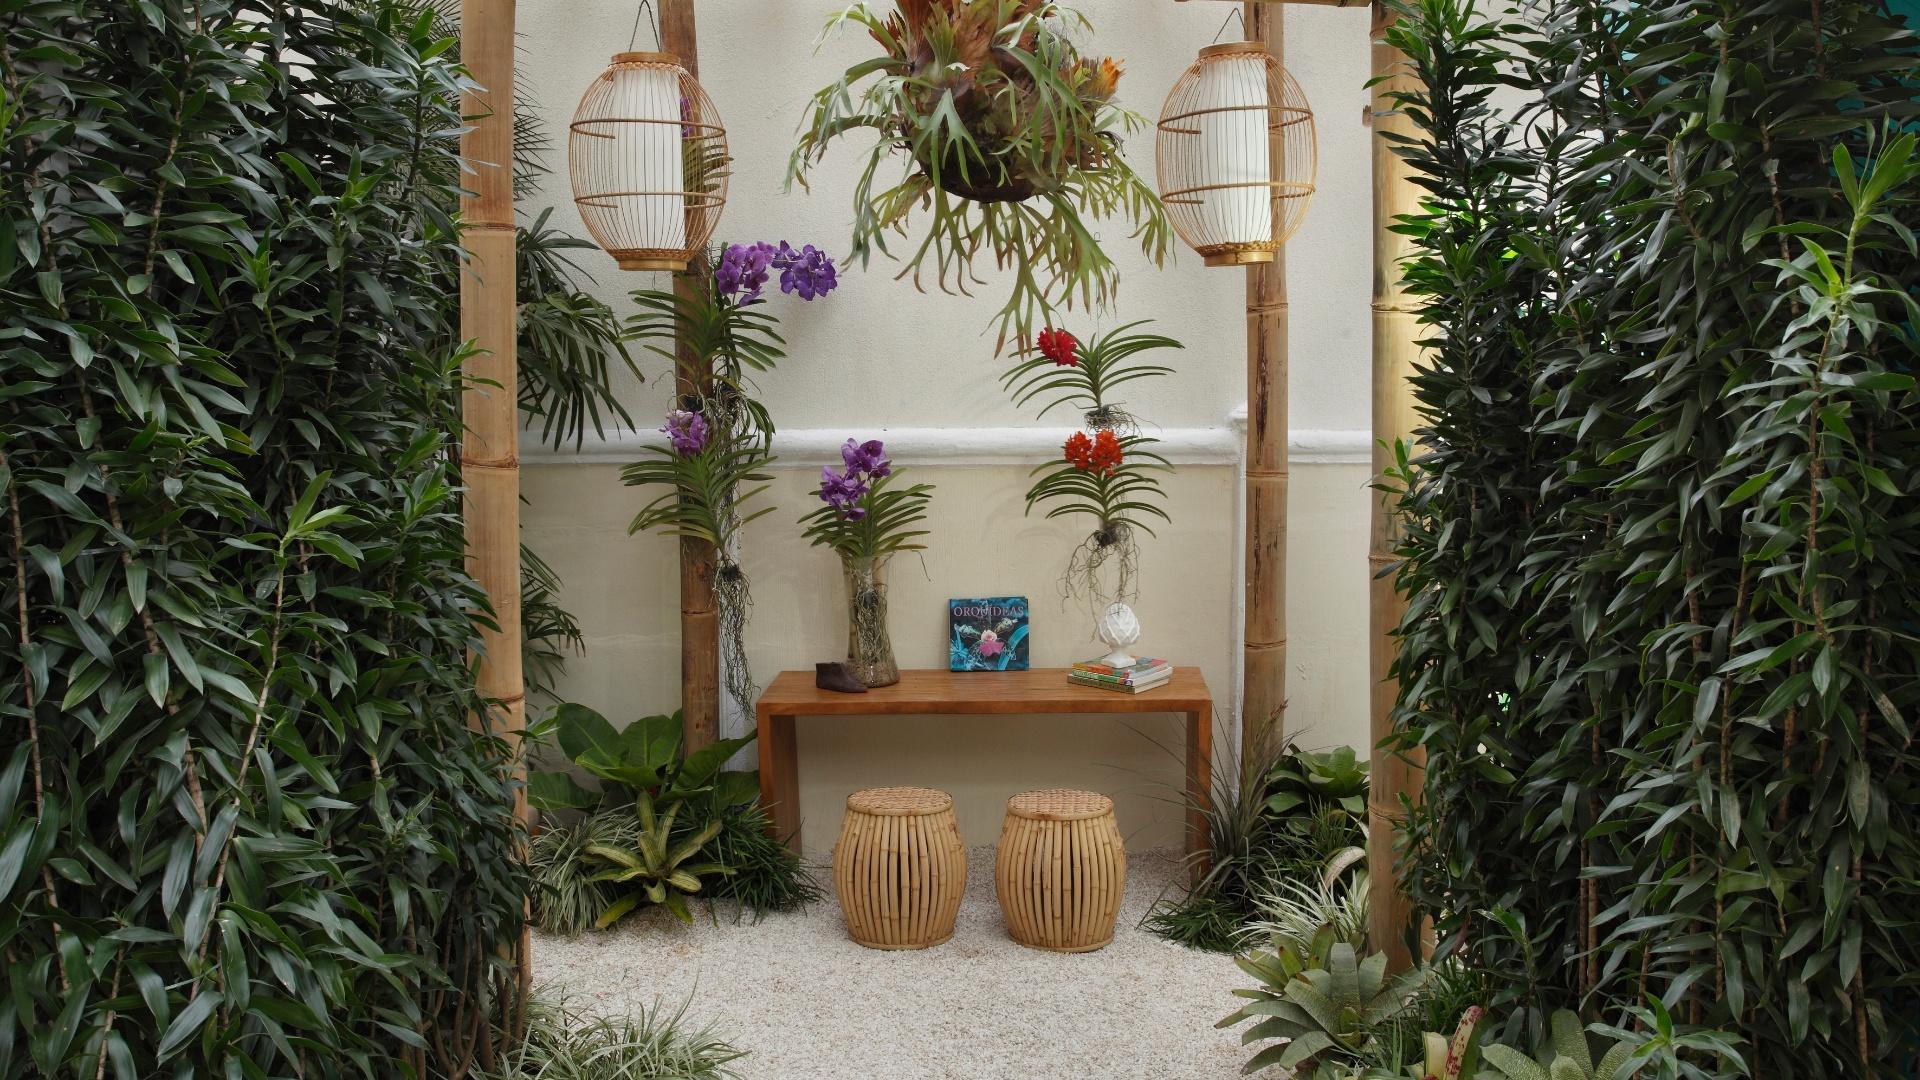 Beco das Orquídeas criado por Ricardo Coelho Portilho Lima. A mostra Morar Mais por Menos RJ segue até dia 4 de novembro de 2012, na Av. Epitácio Pessoa, 4.866, Rio de Janeiro